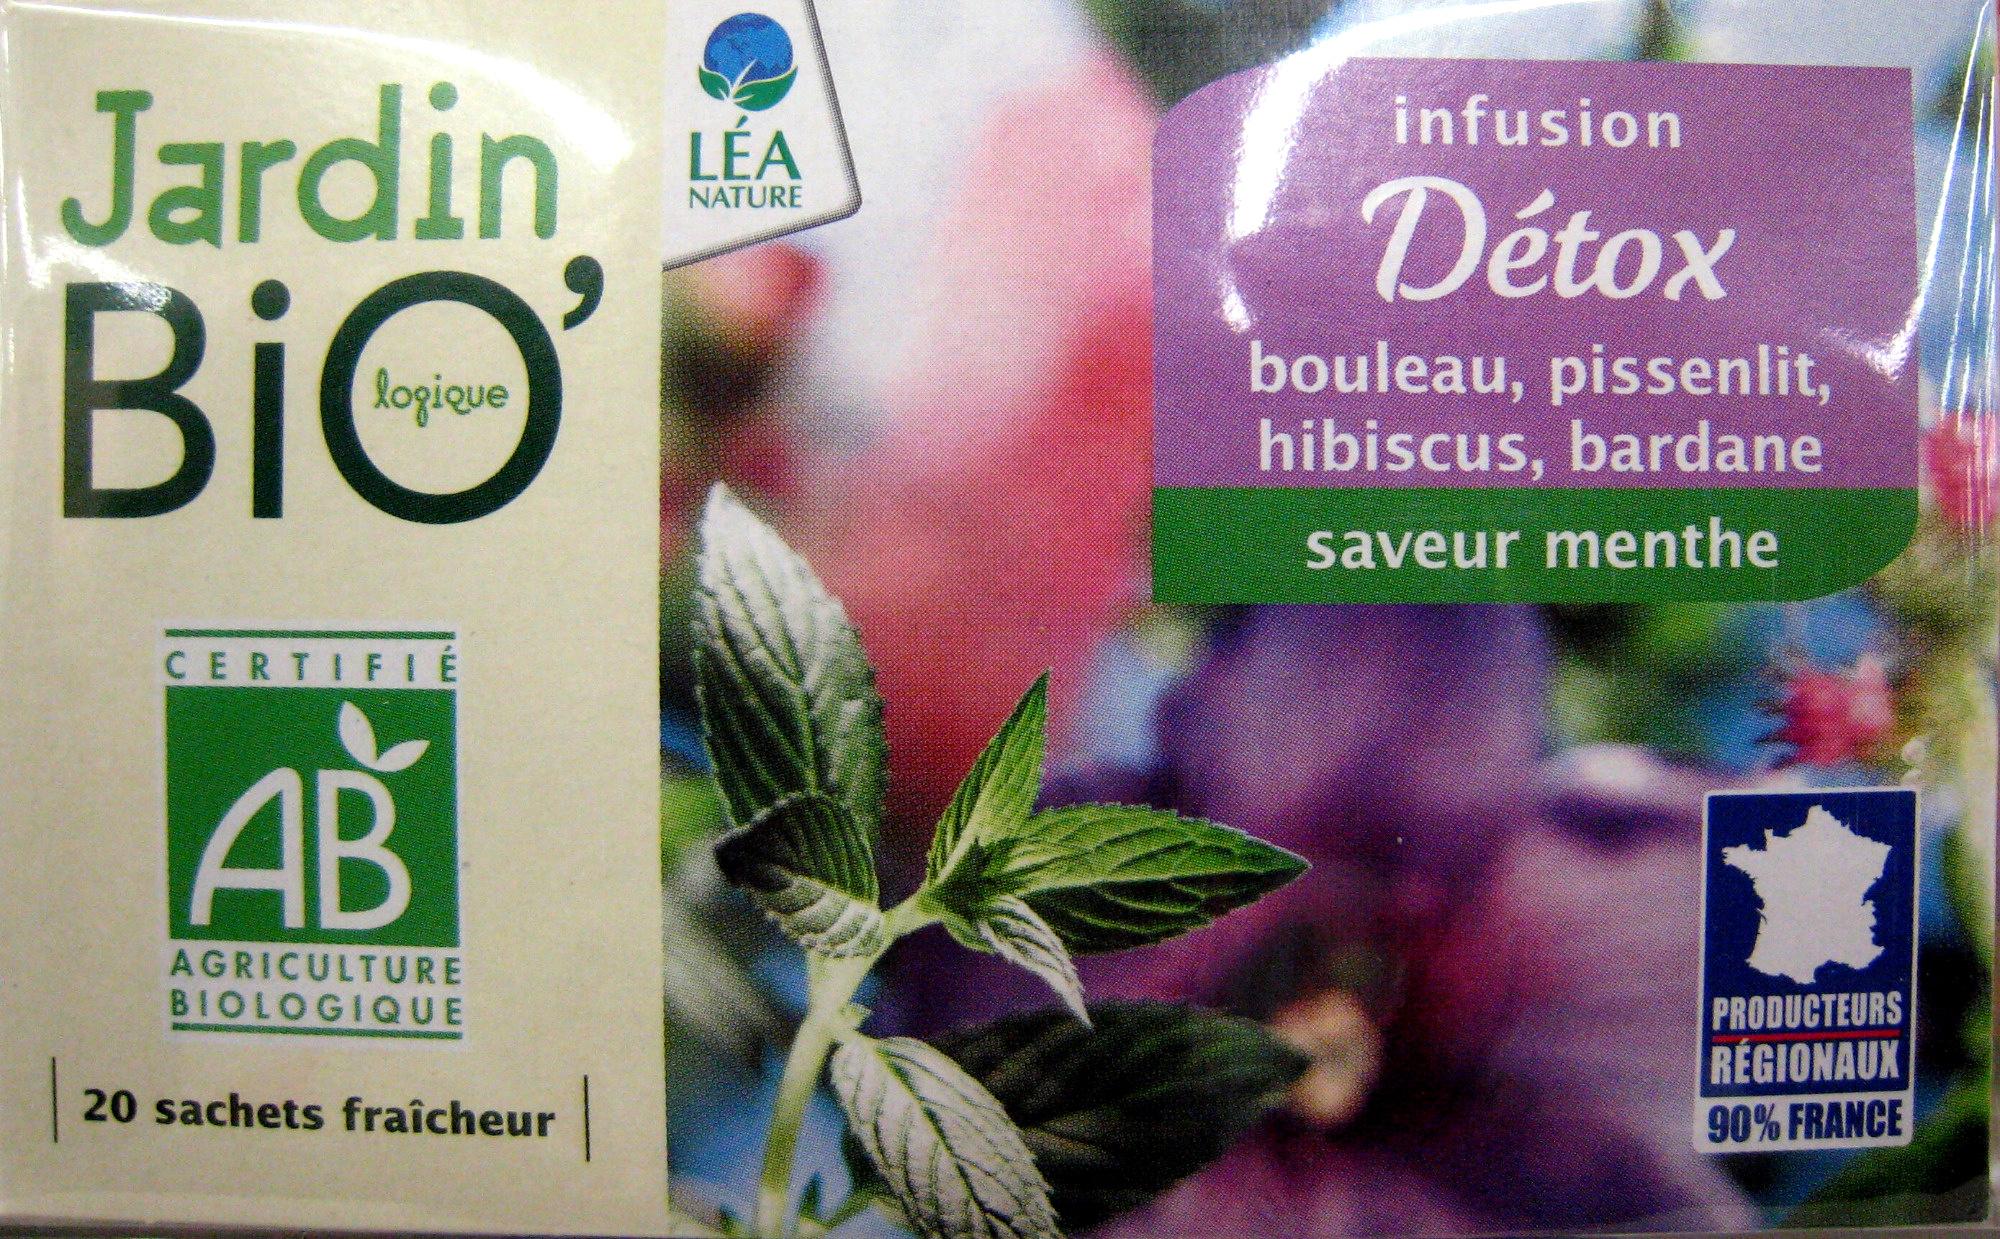 Infusion Détox Jardin Bio - Jardin bio logique - 30 g (20